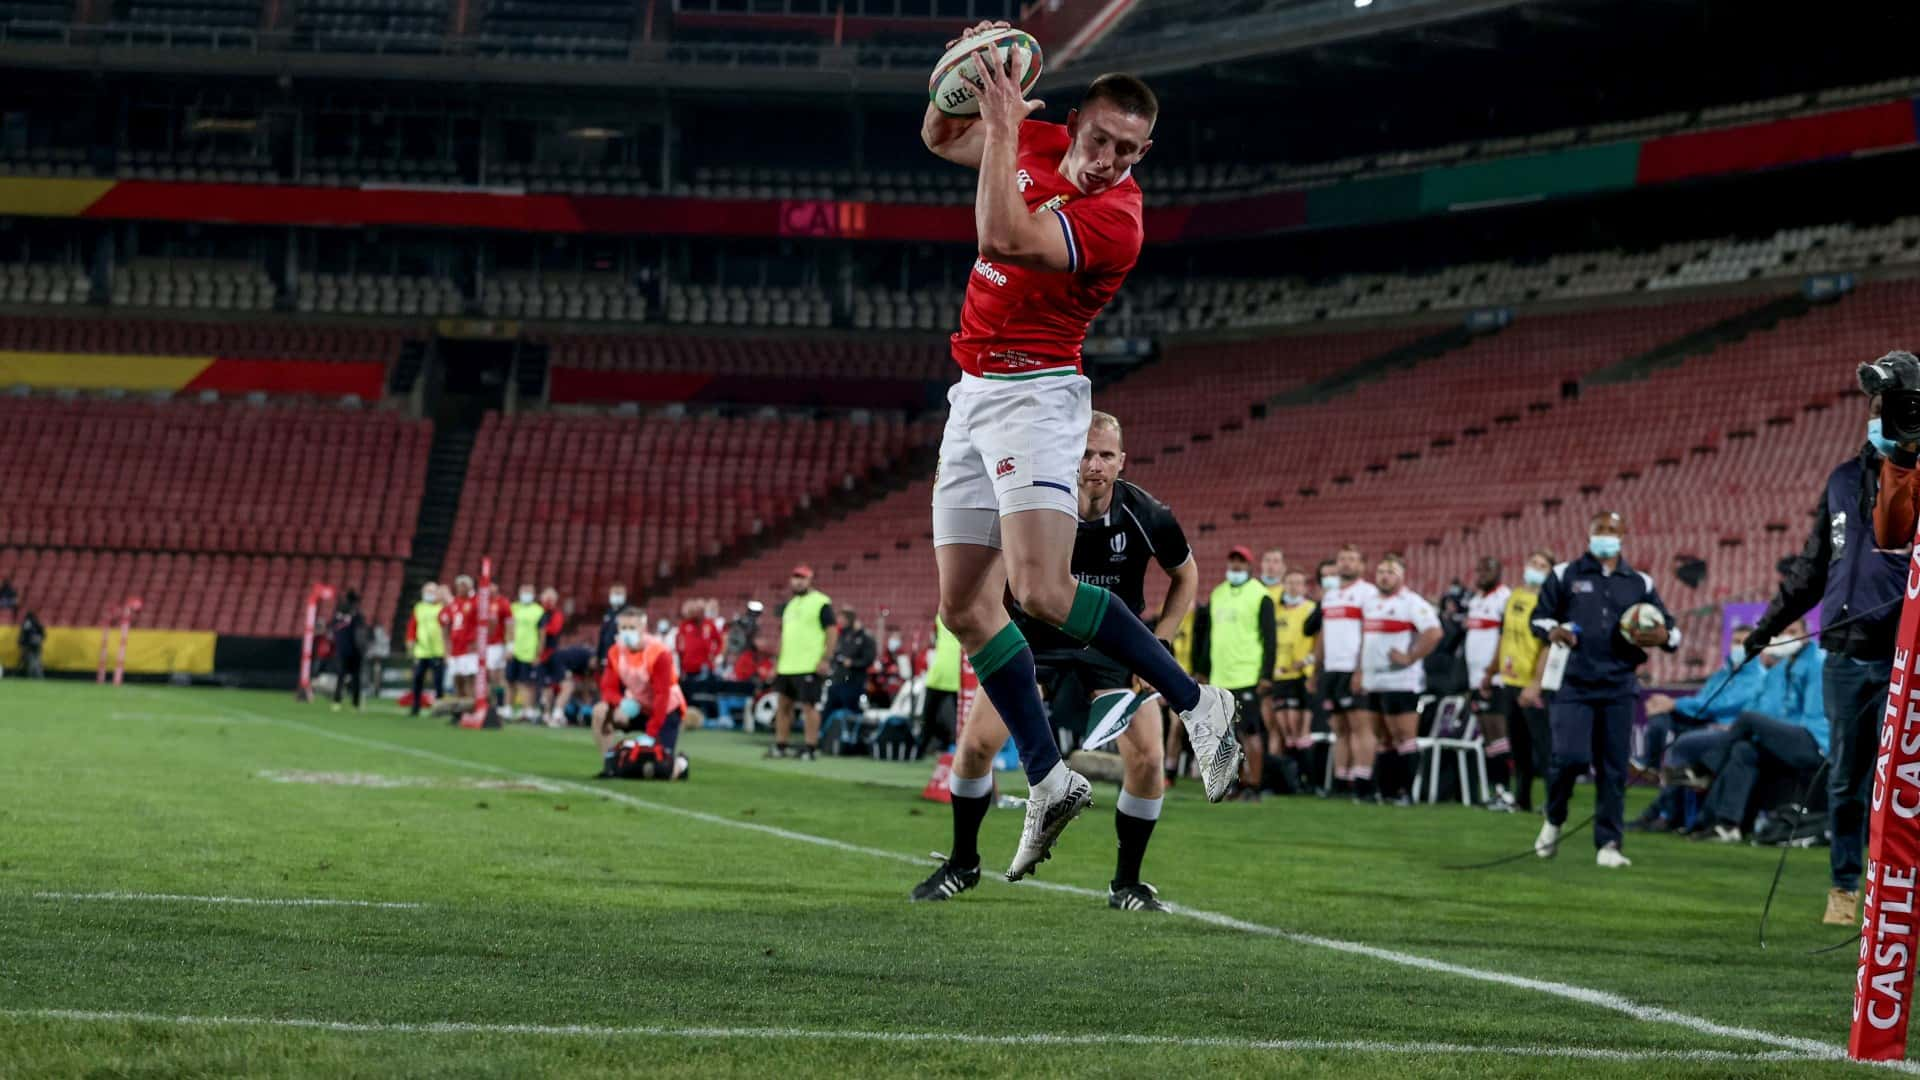 Josh Adams leap try